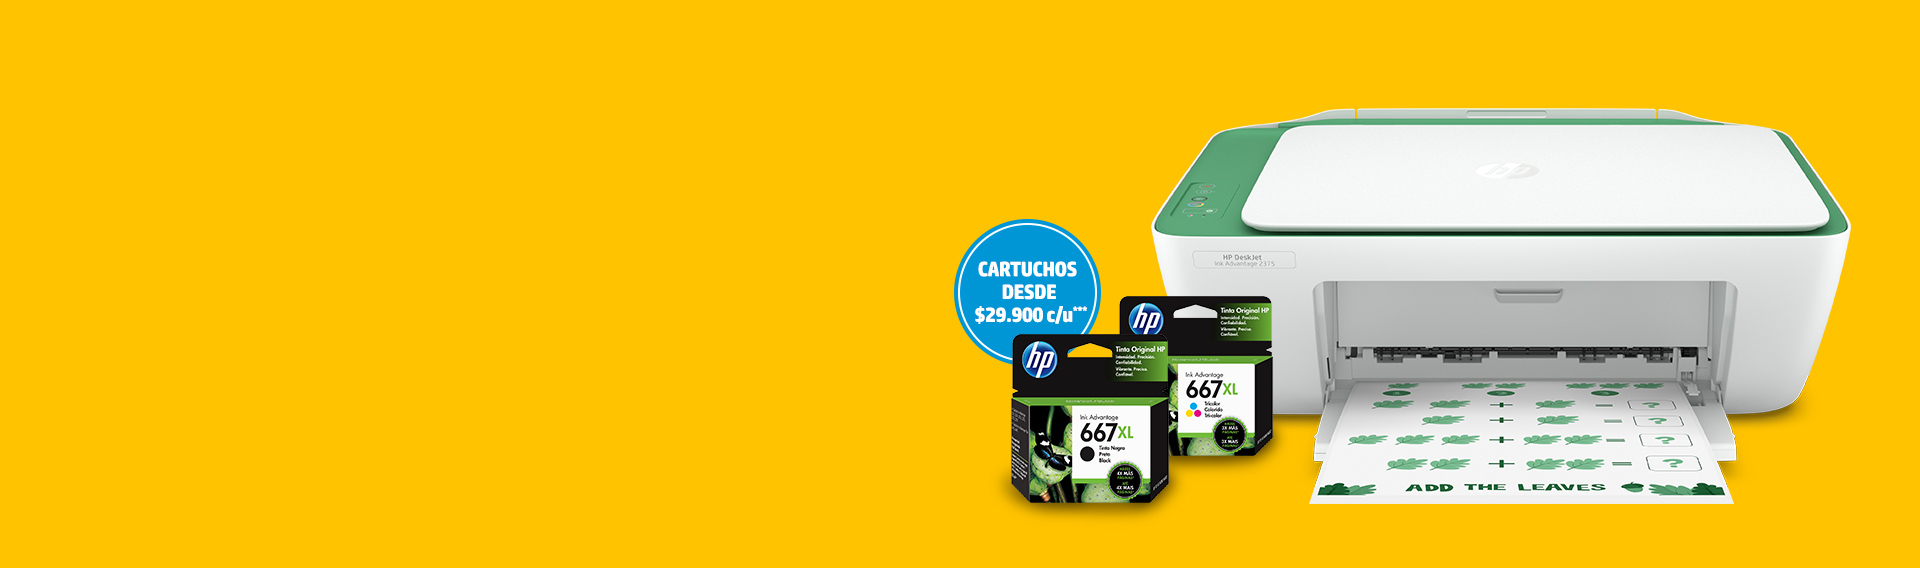 Impresoras HP. Ahorra hasta 20%* más 10% adicional con cupón** HPNEWTECH.